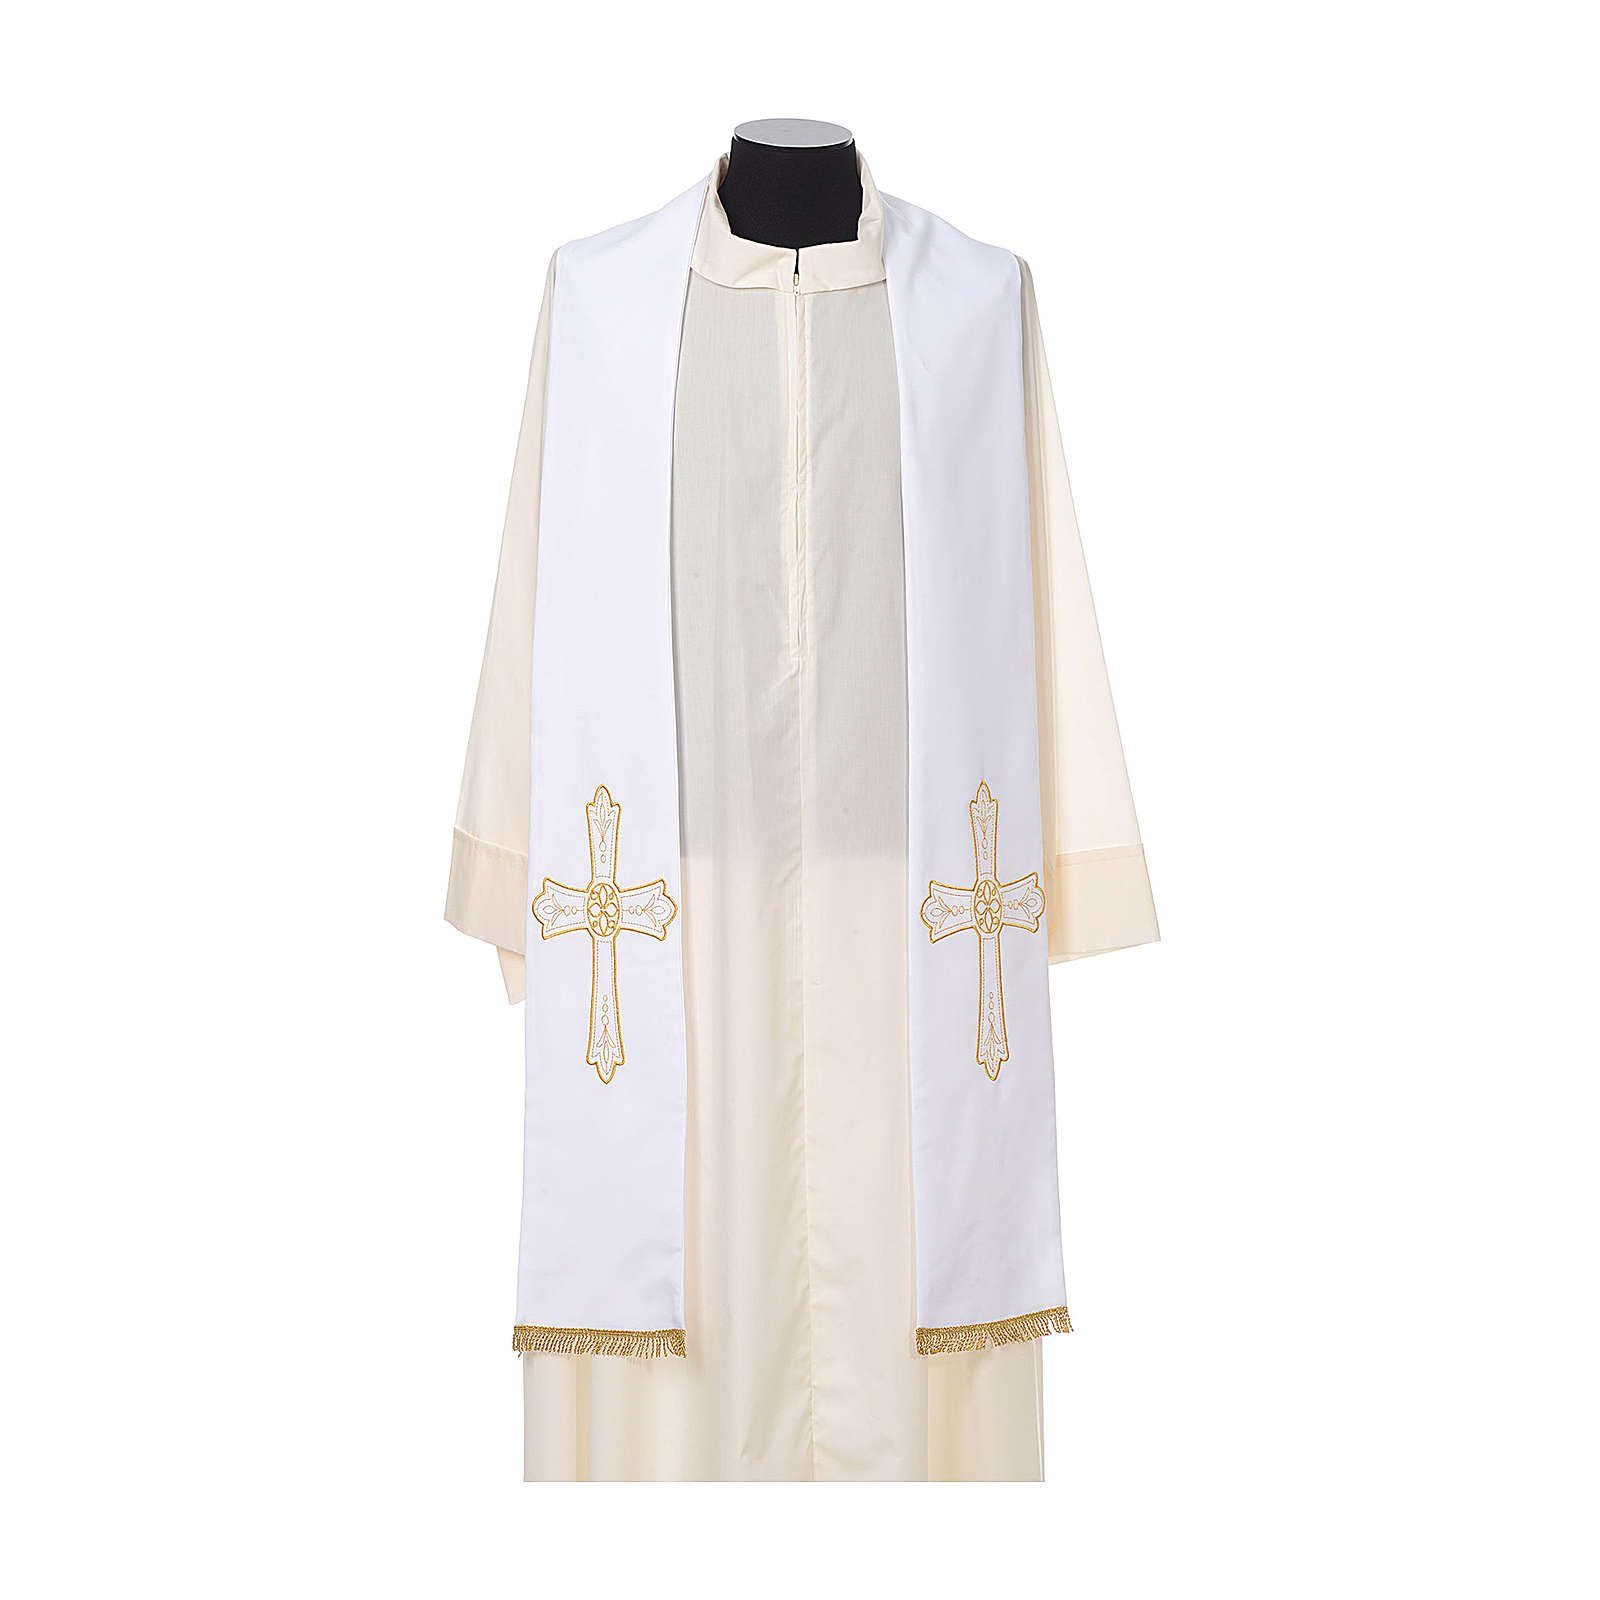 Estola sacerdotal bordado dourado cruz ambos lados 100% poliéster 4